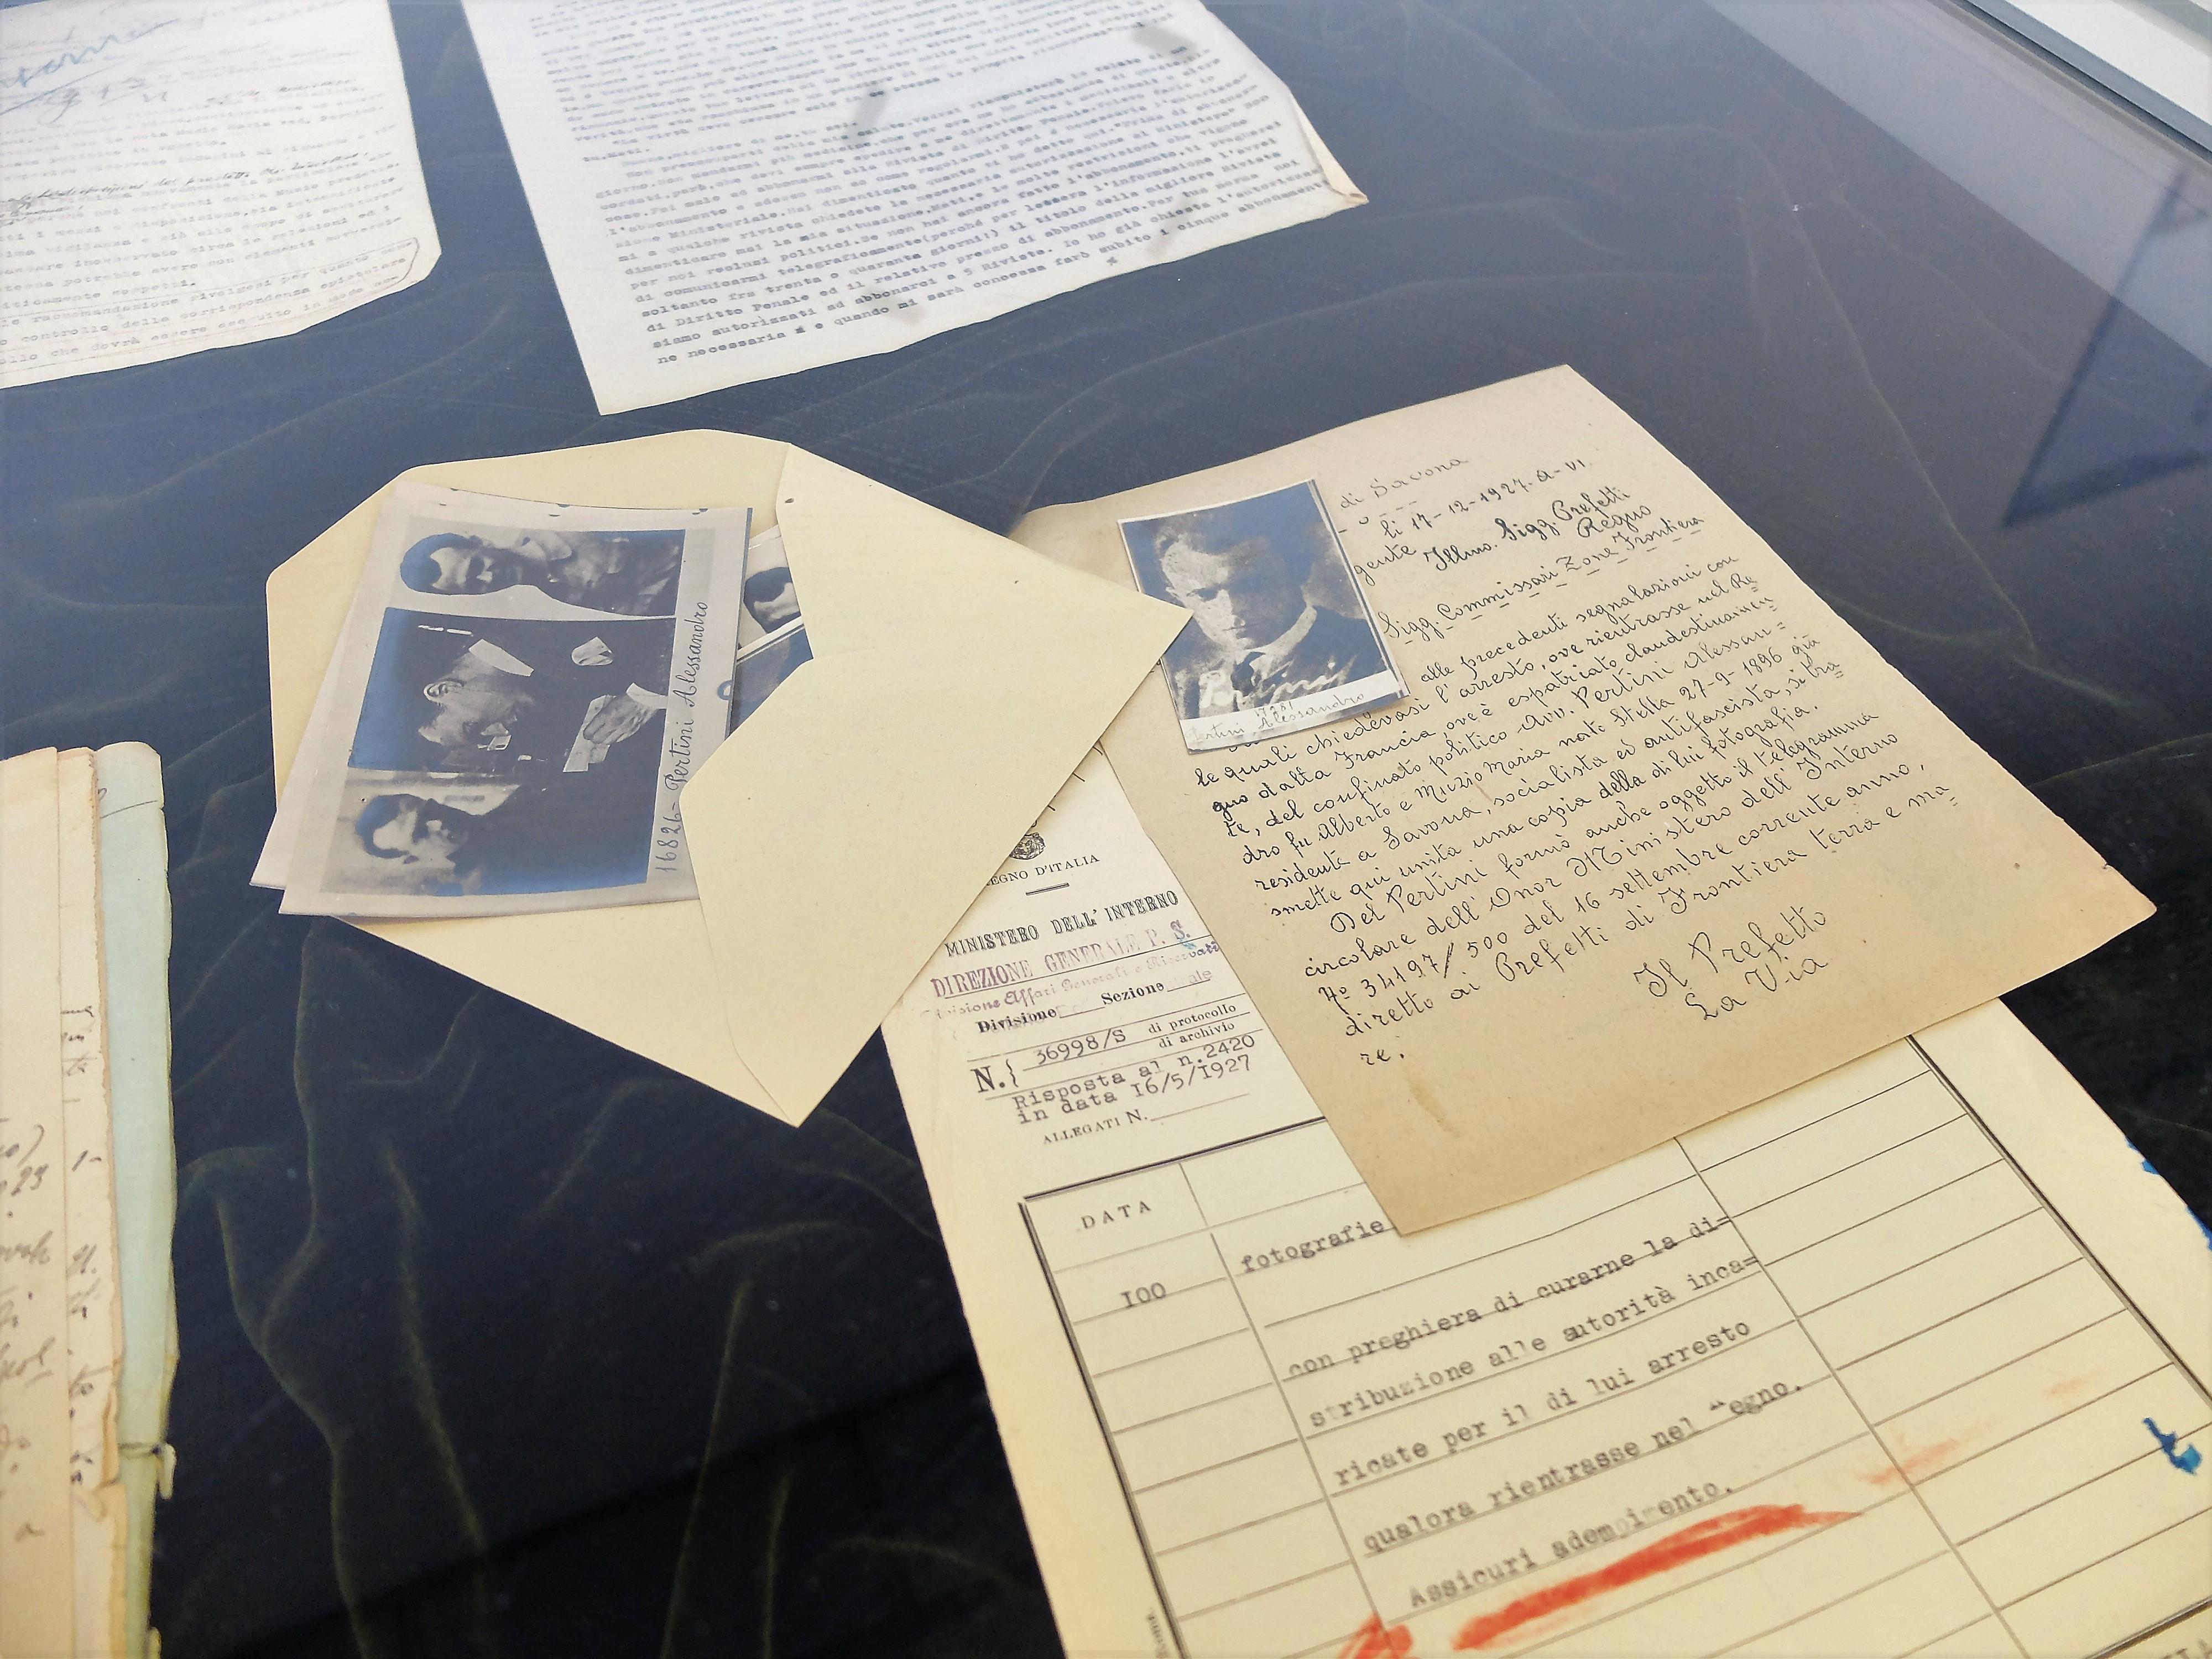 Alcuni documenti dal fascicolo di Sandro Pertini relativi alla sorveglianza degli spostamenti e della corrispondenza